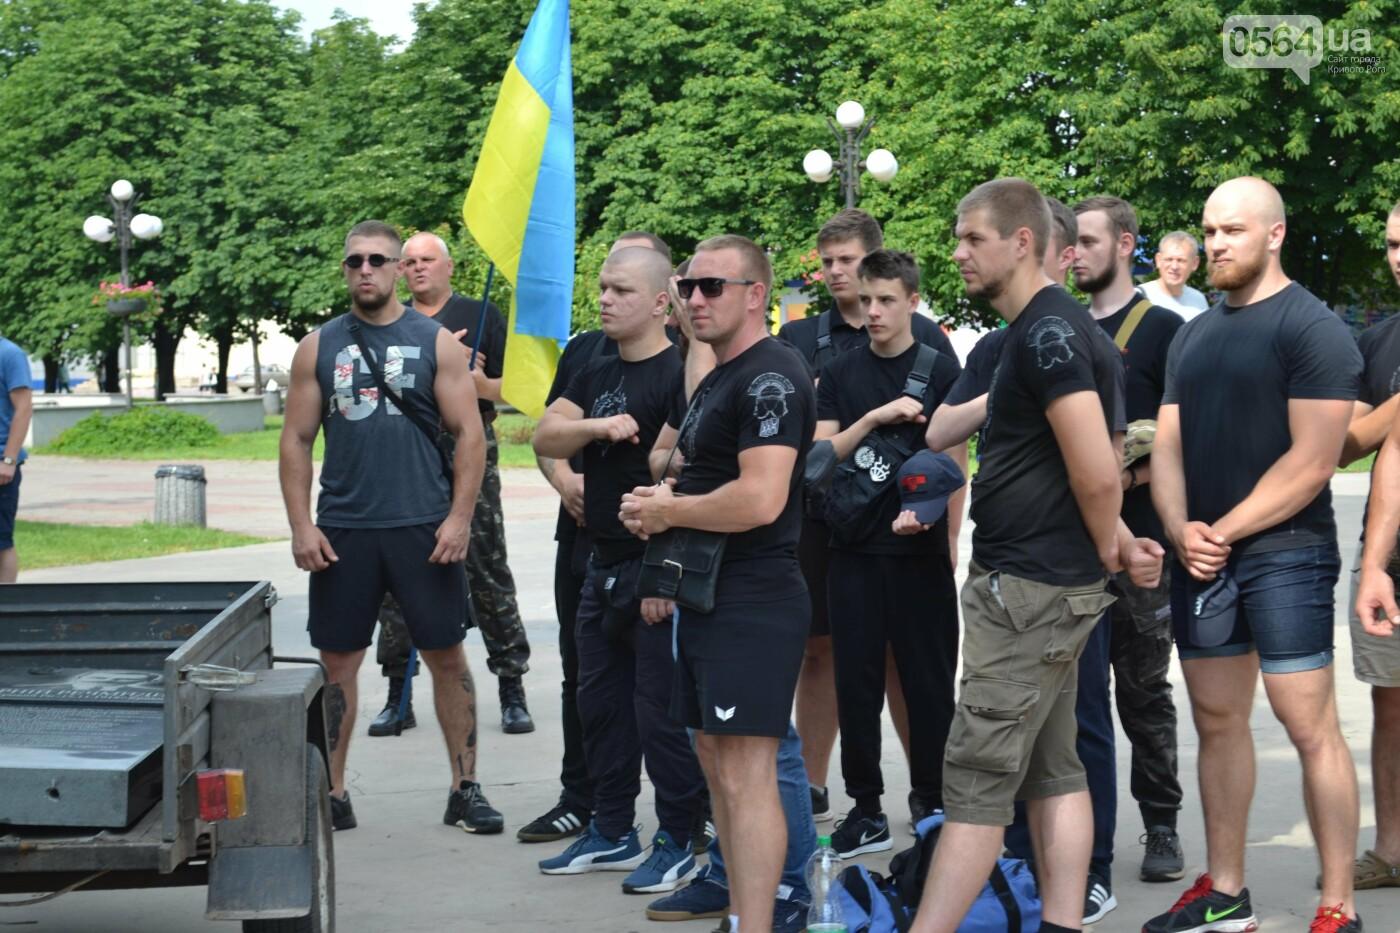 К 30-летию Независимости Украины в Кривом Роге установили мемориальную плиту в память о Корнее Речмидило, - ФОТО, ВИДЕО, фото-24